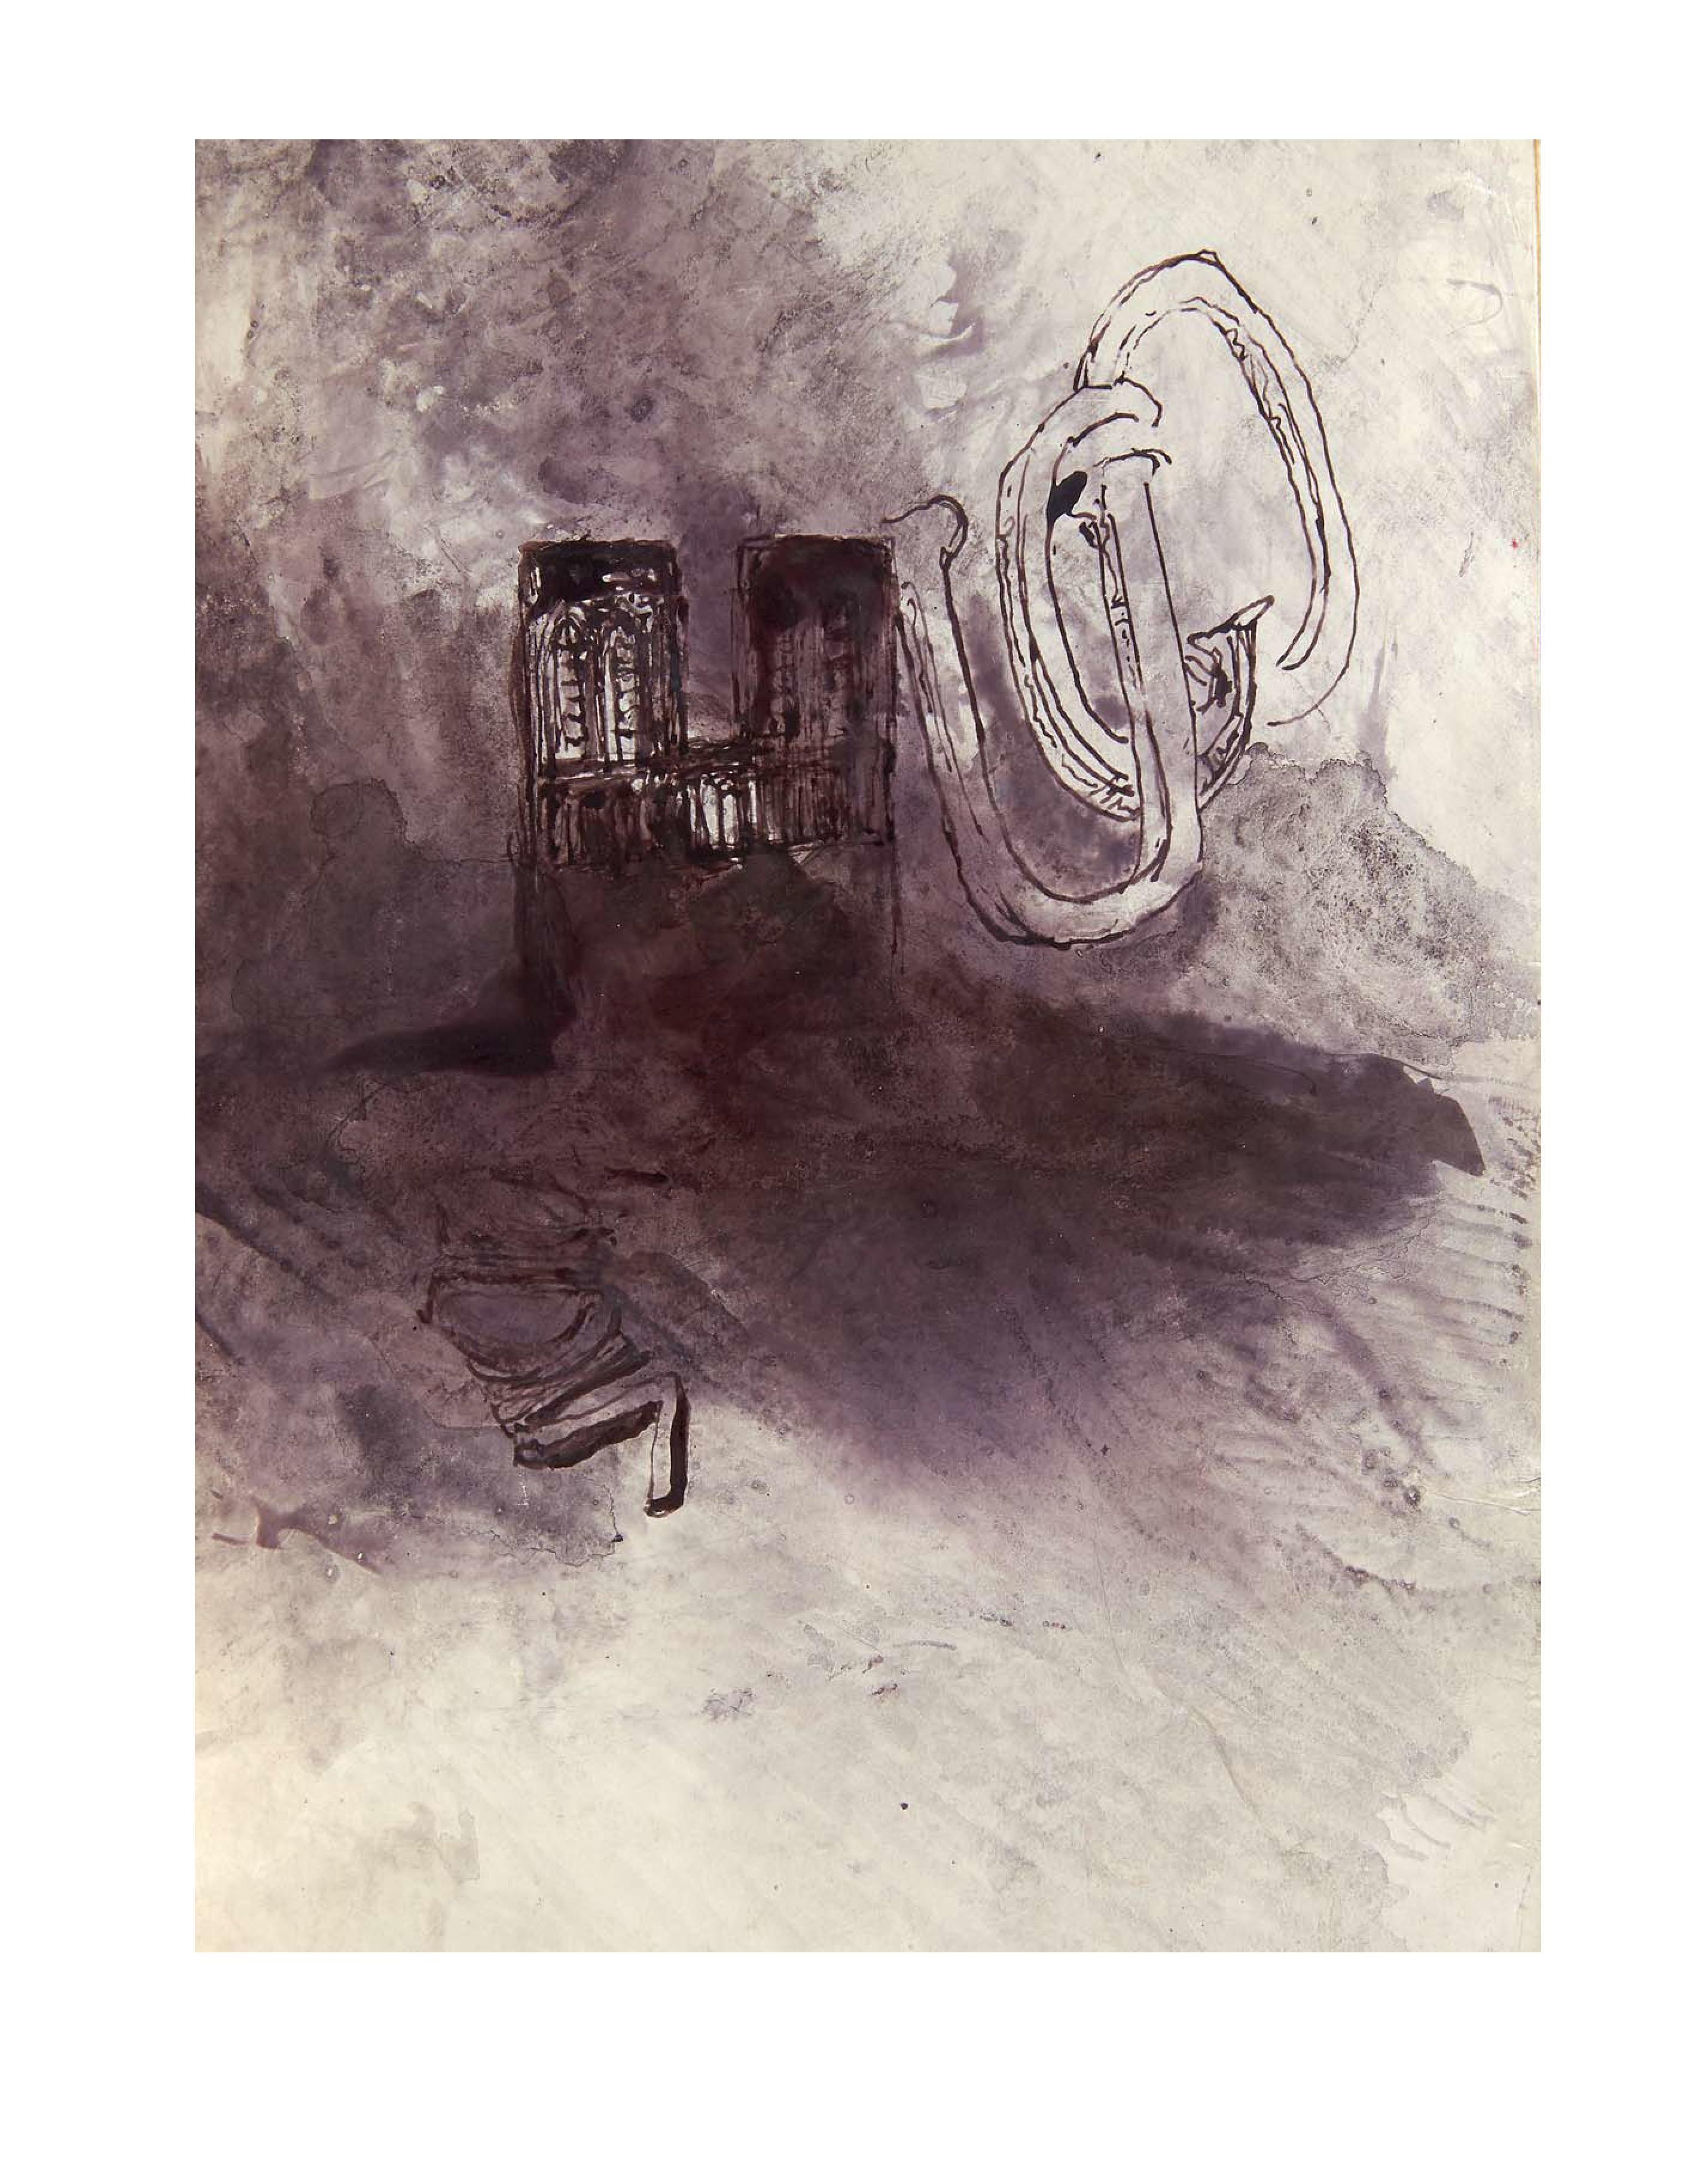 Victor Hugo 1877 calmann levy dédicace pour La légende des siècles